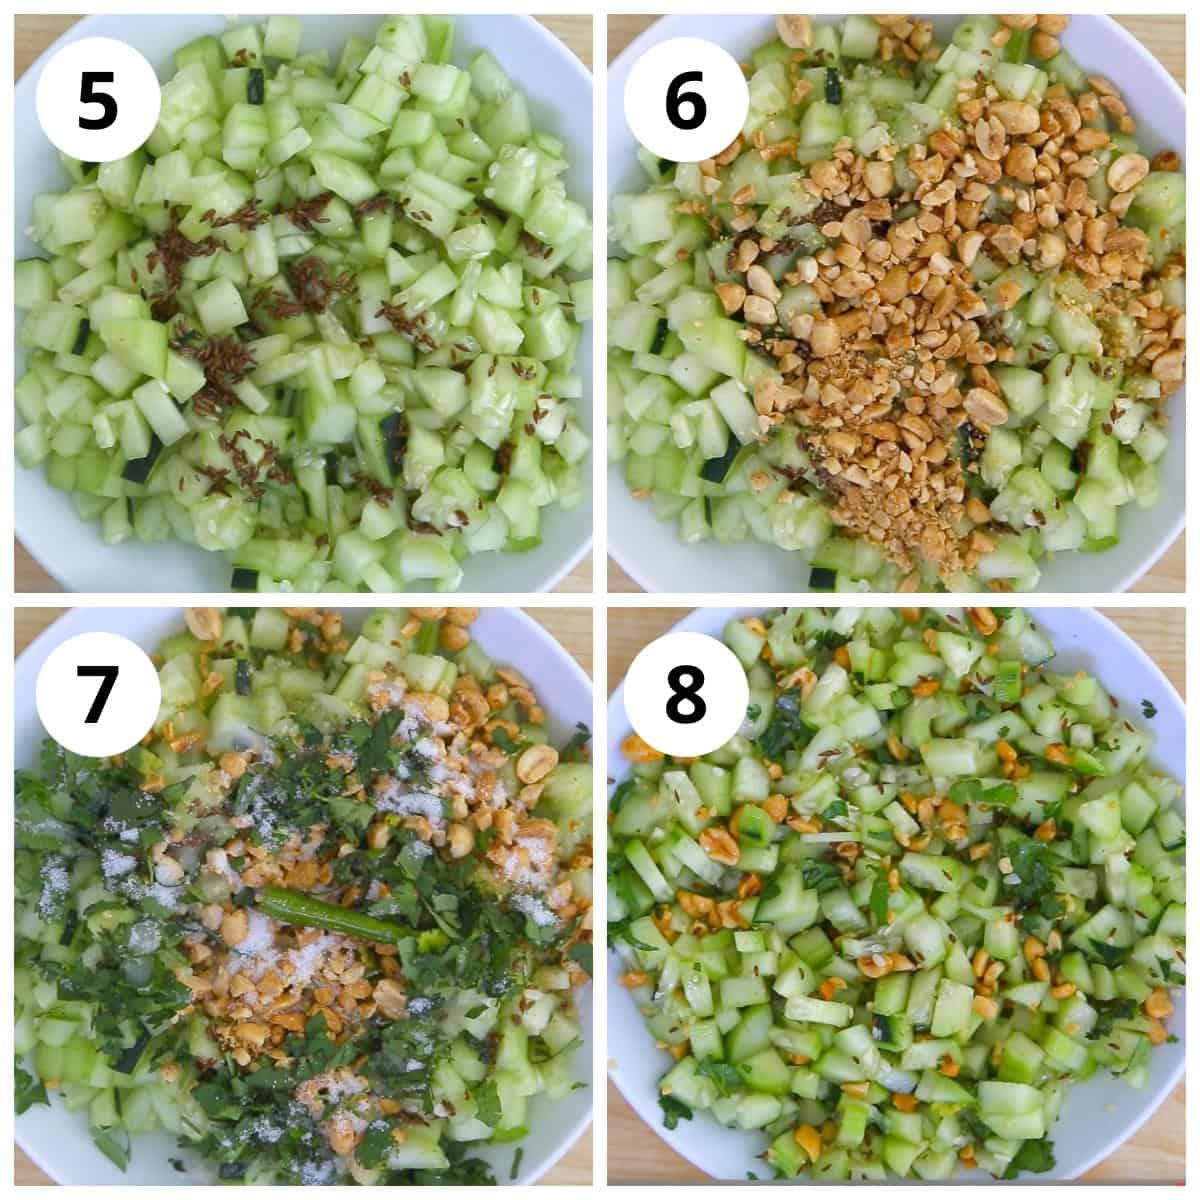 Steps for making kakdi koshimbir by mixing all ingredients